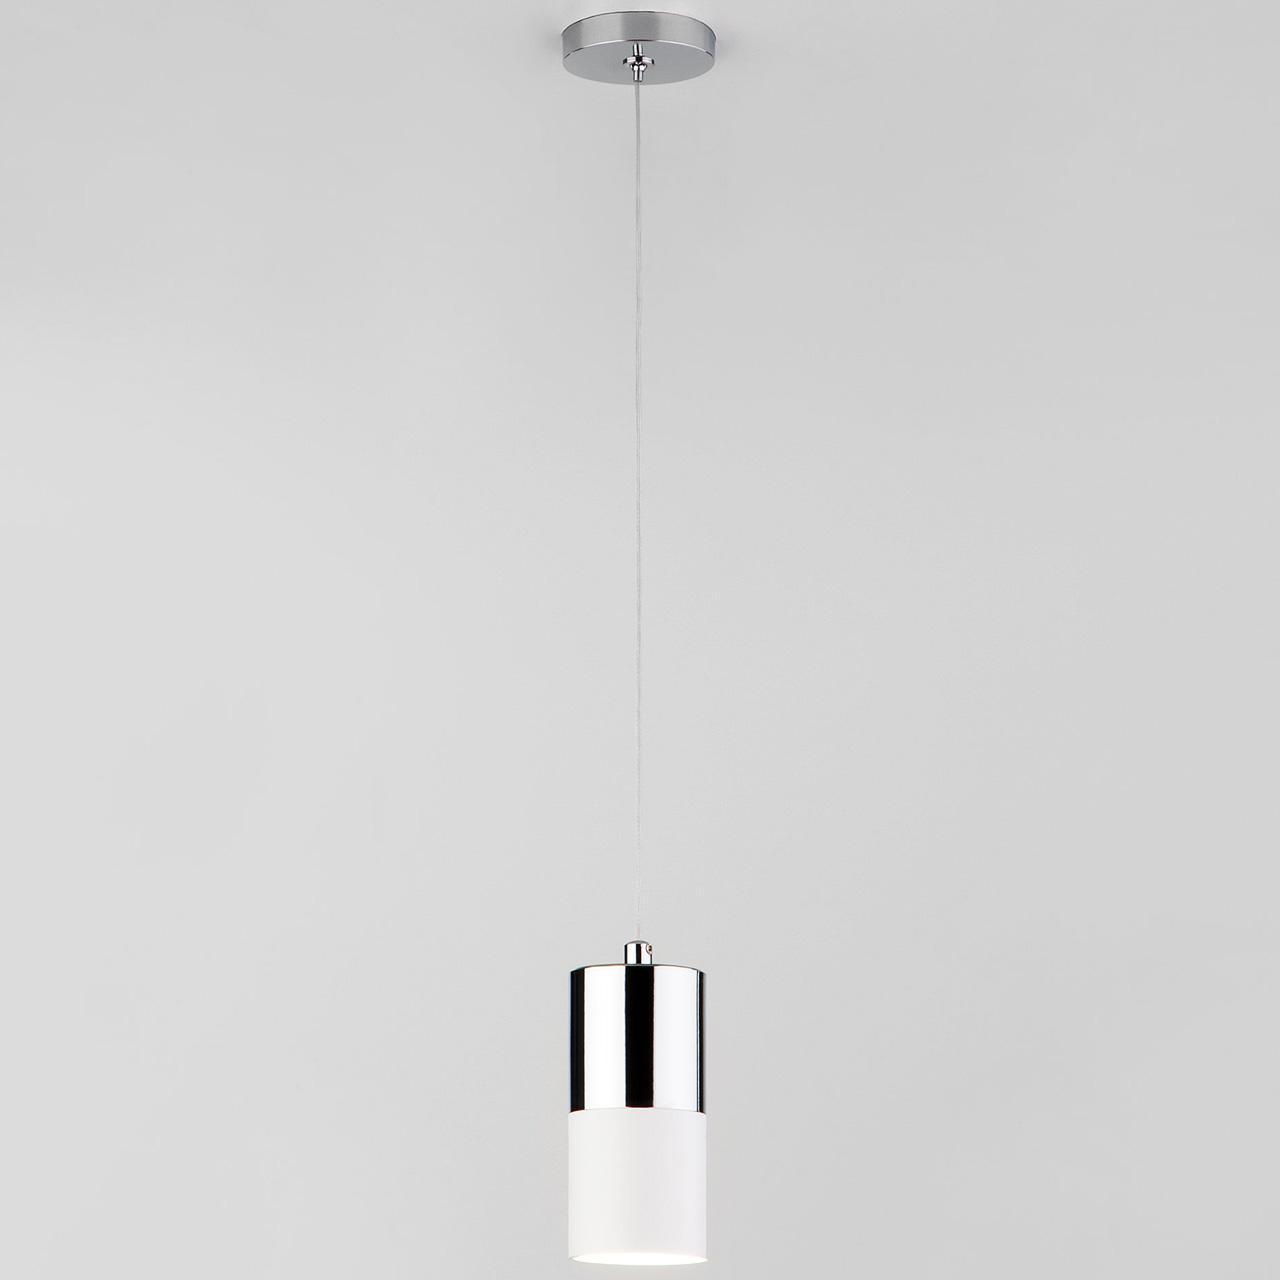 Подвесной светильник Eurosvet Mini Topper 50146/1 хром/белый